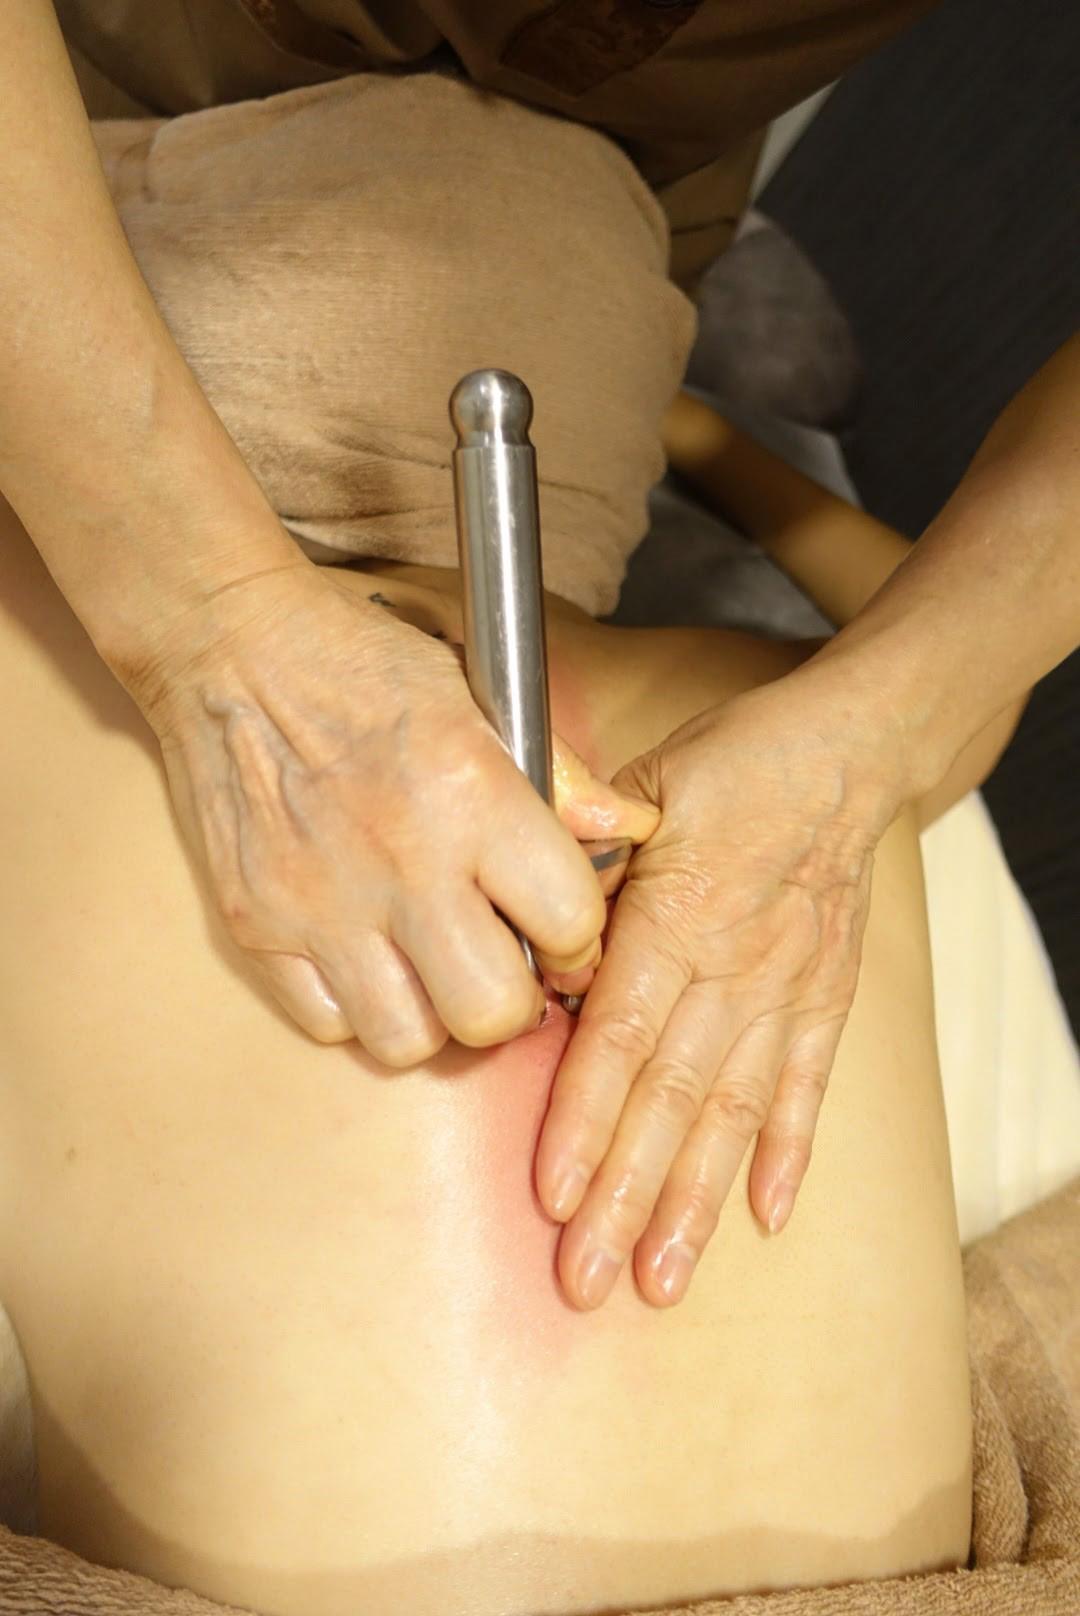 Miris Spa - 真實用家分享 解壓養生推介多效磁叉按摩 疏通淋巴 舒緩肌肉疲勞 排毒入水腫